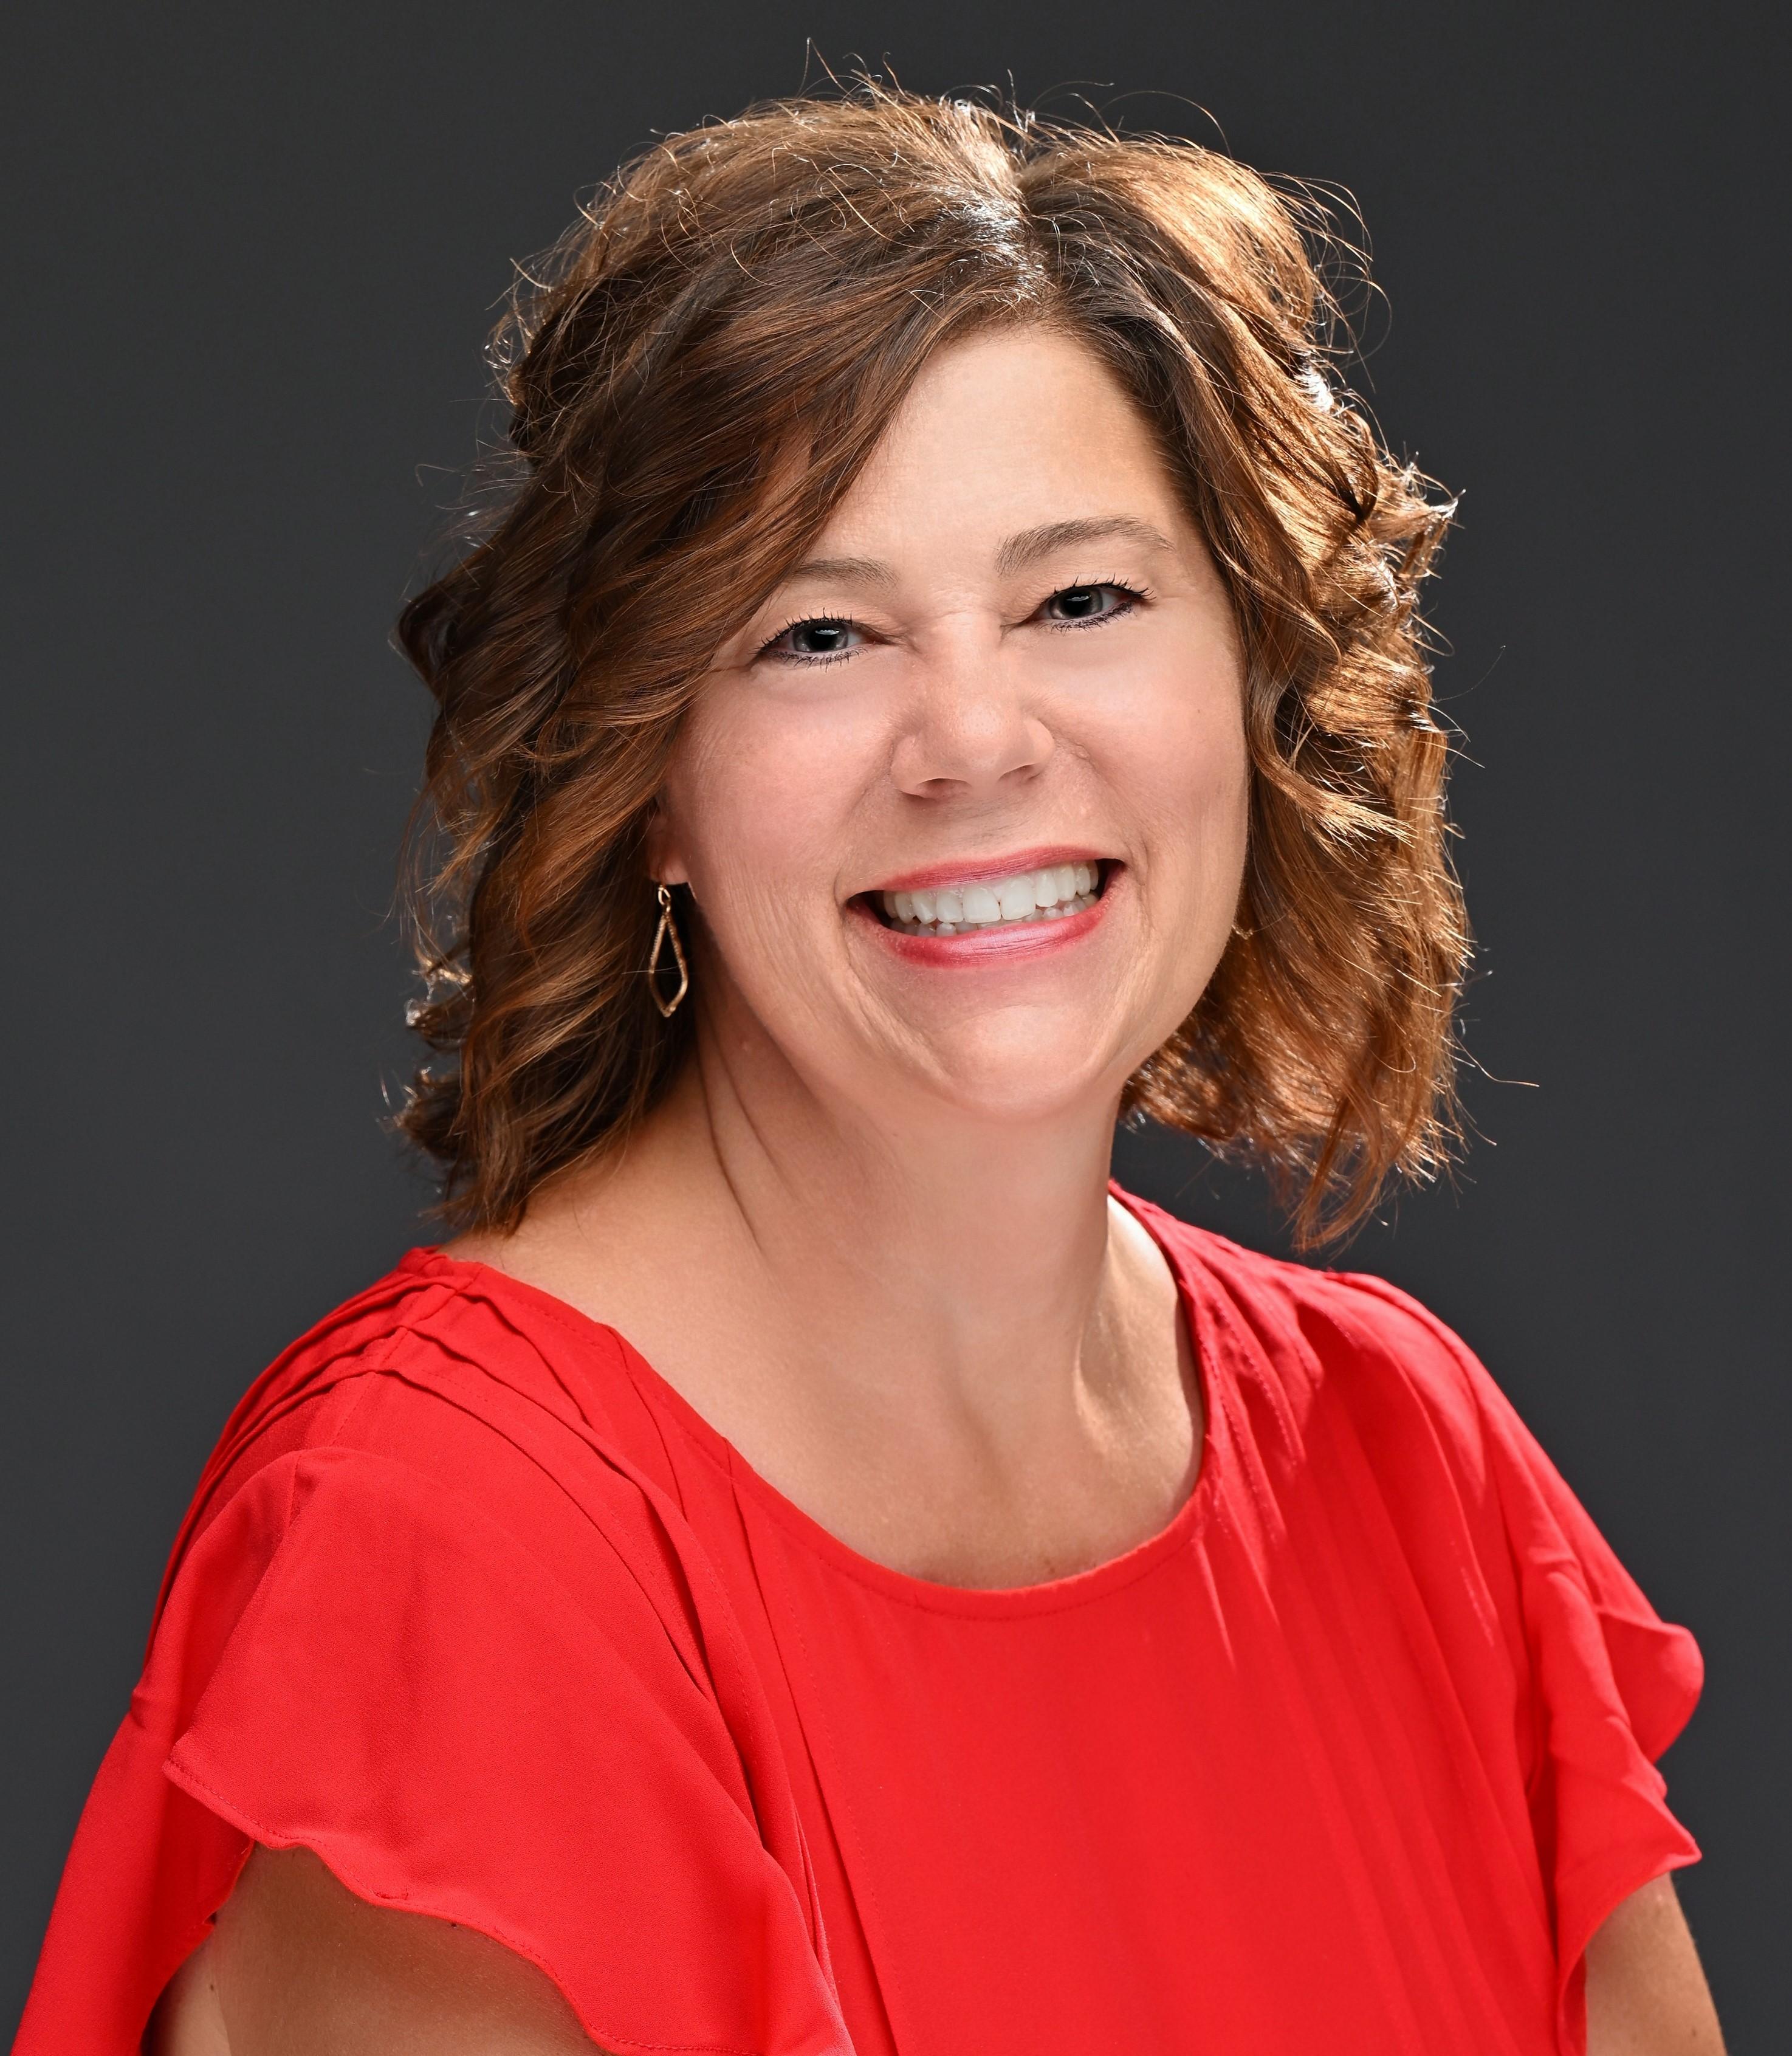 Portrait of Andrea Larson